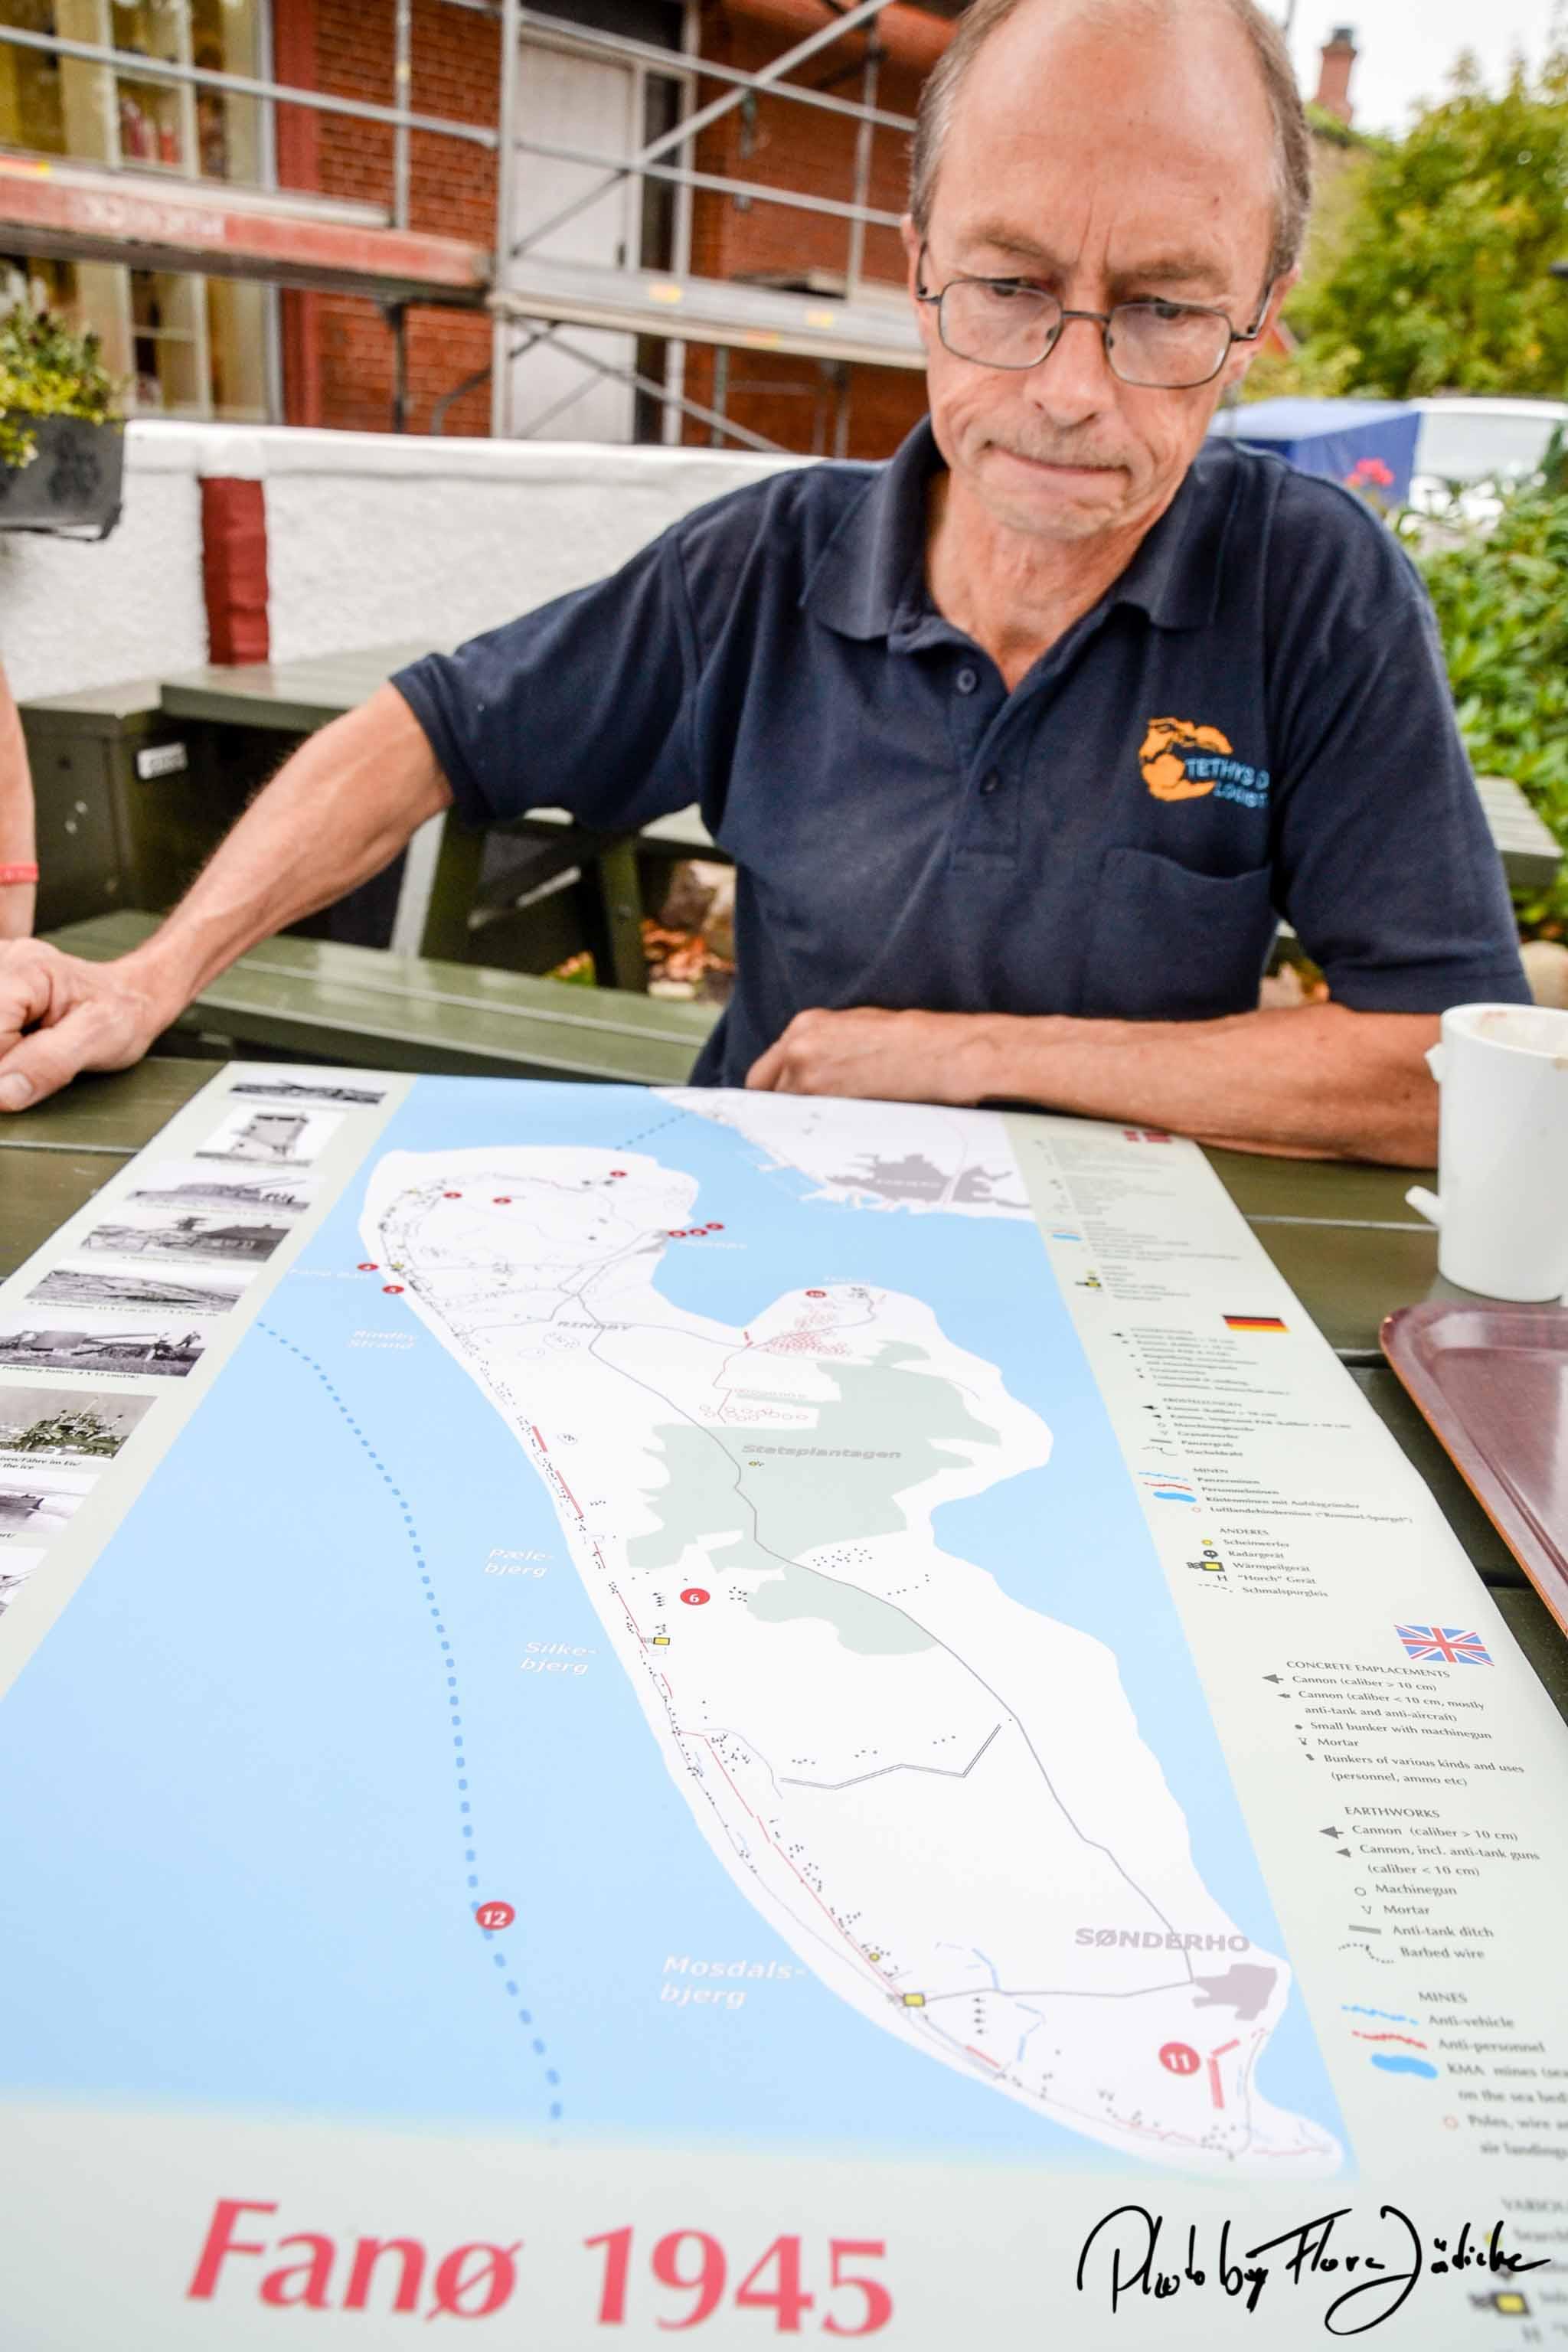 Henning erklärt Militärstellungen auf der Fanø Karte von 1945.